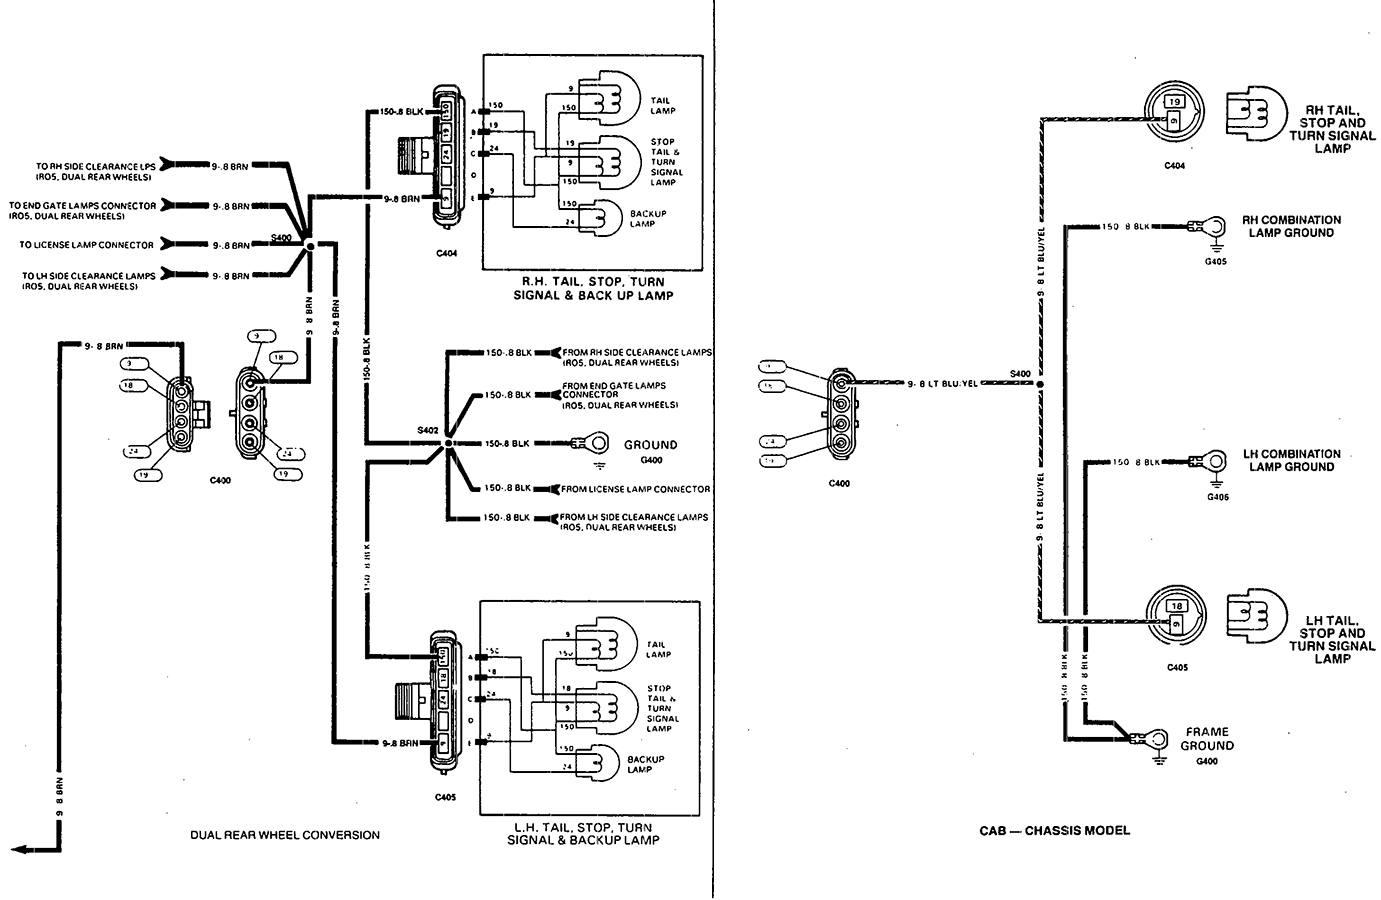 2001 Silverado Trailer Wiring Diagram